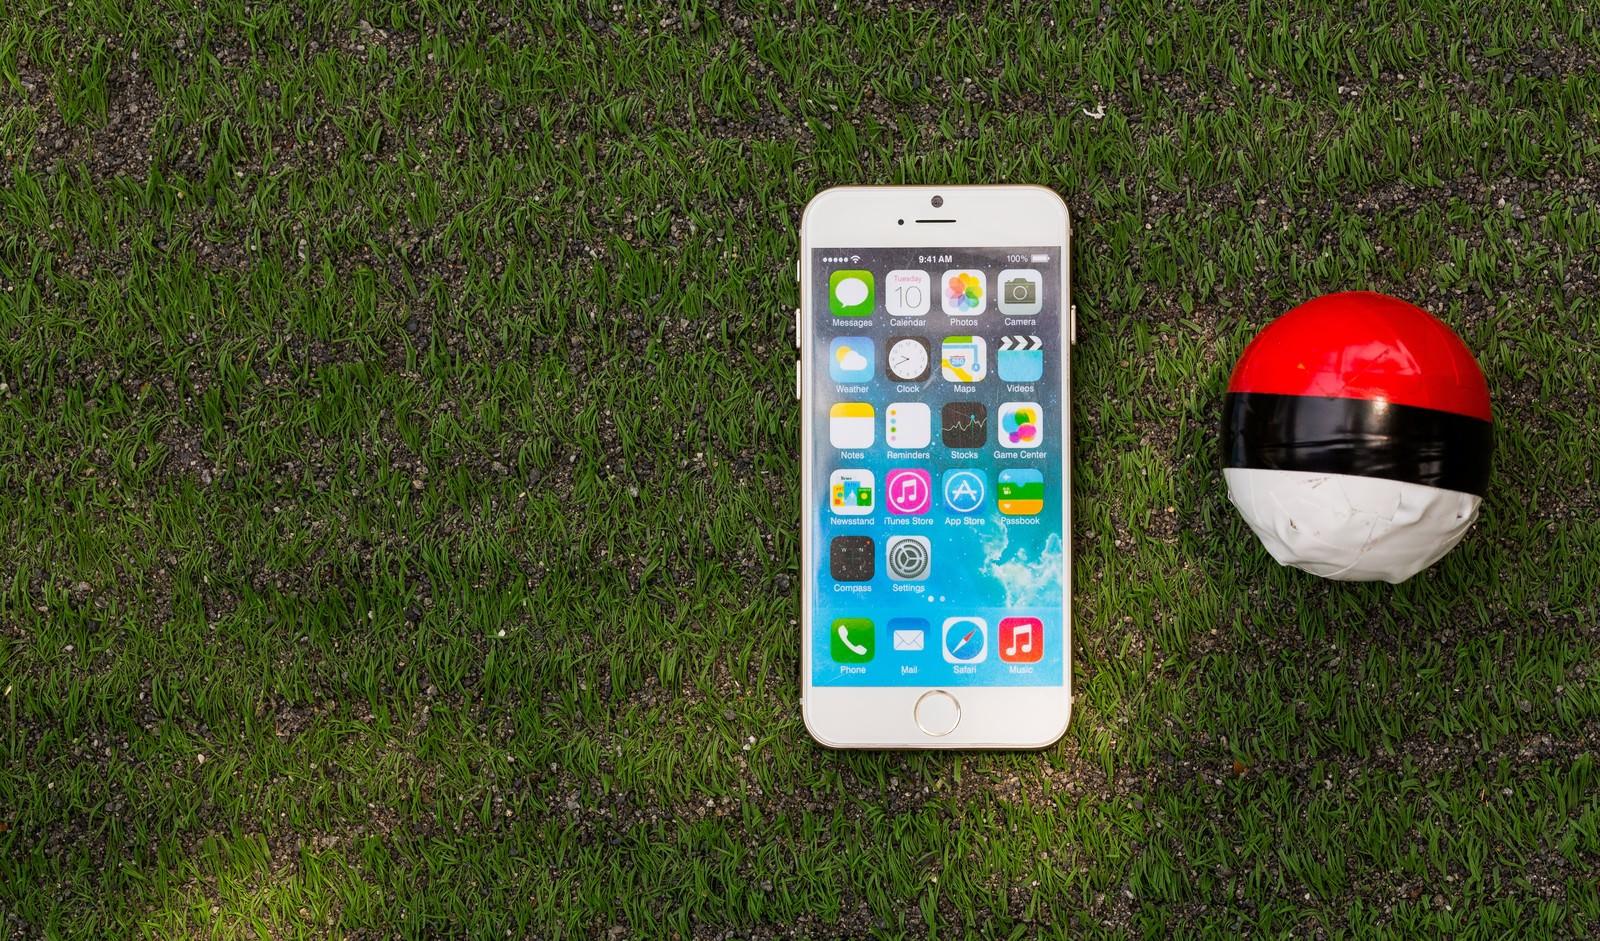 「芝の上にある紅白ボールとスマートフォン」の写真